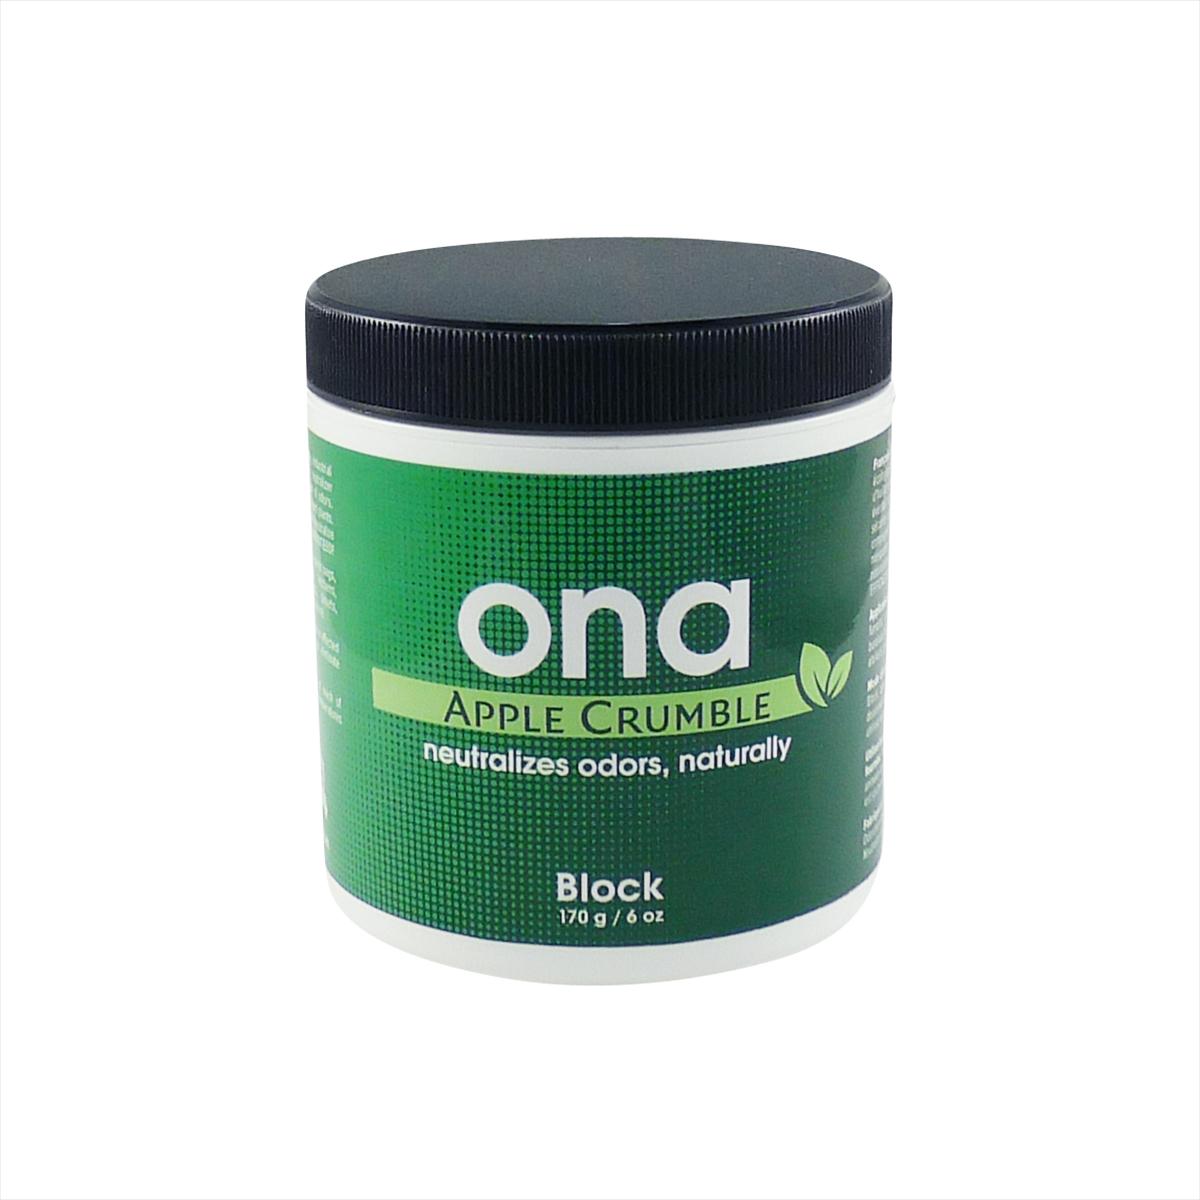 ONA Block Objem: 170g Fresh Linen